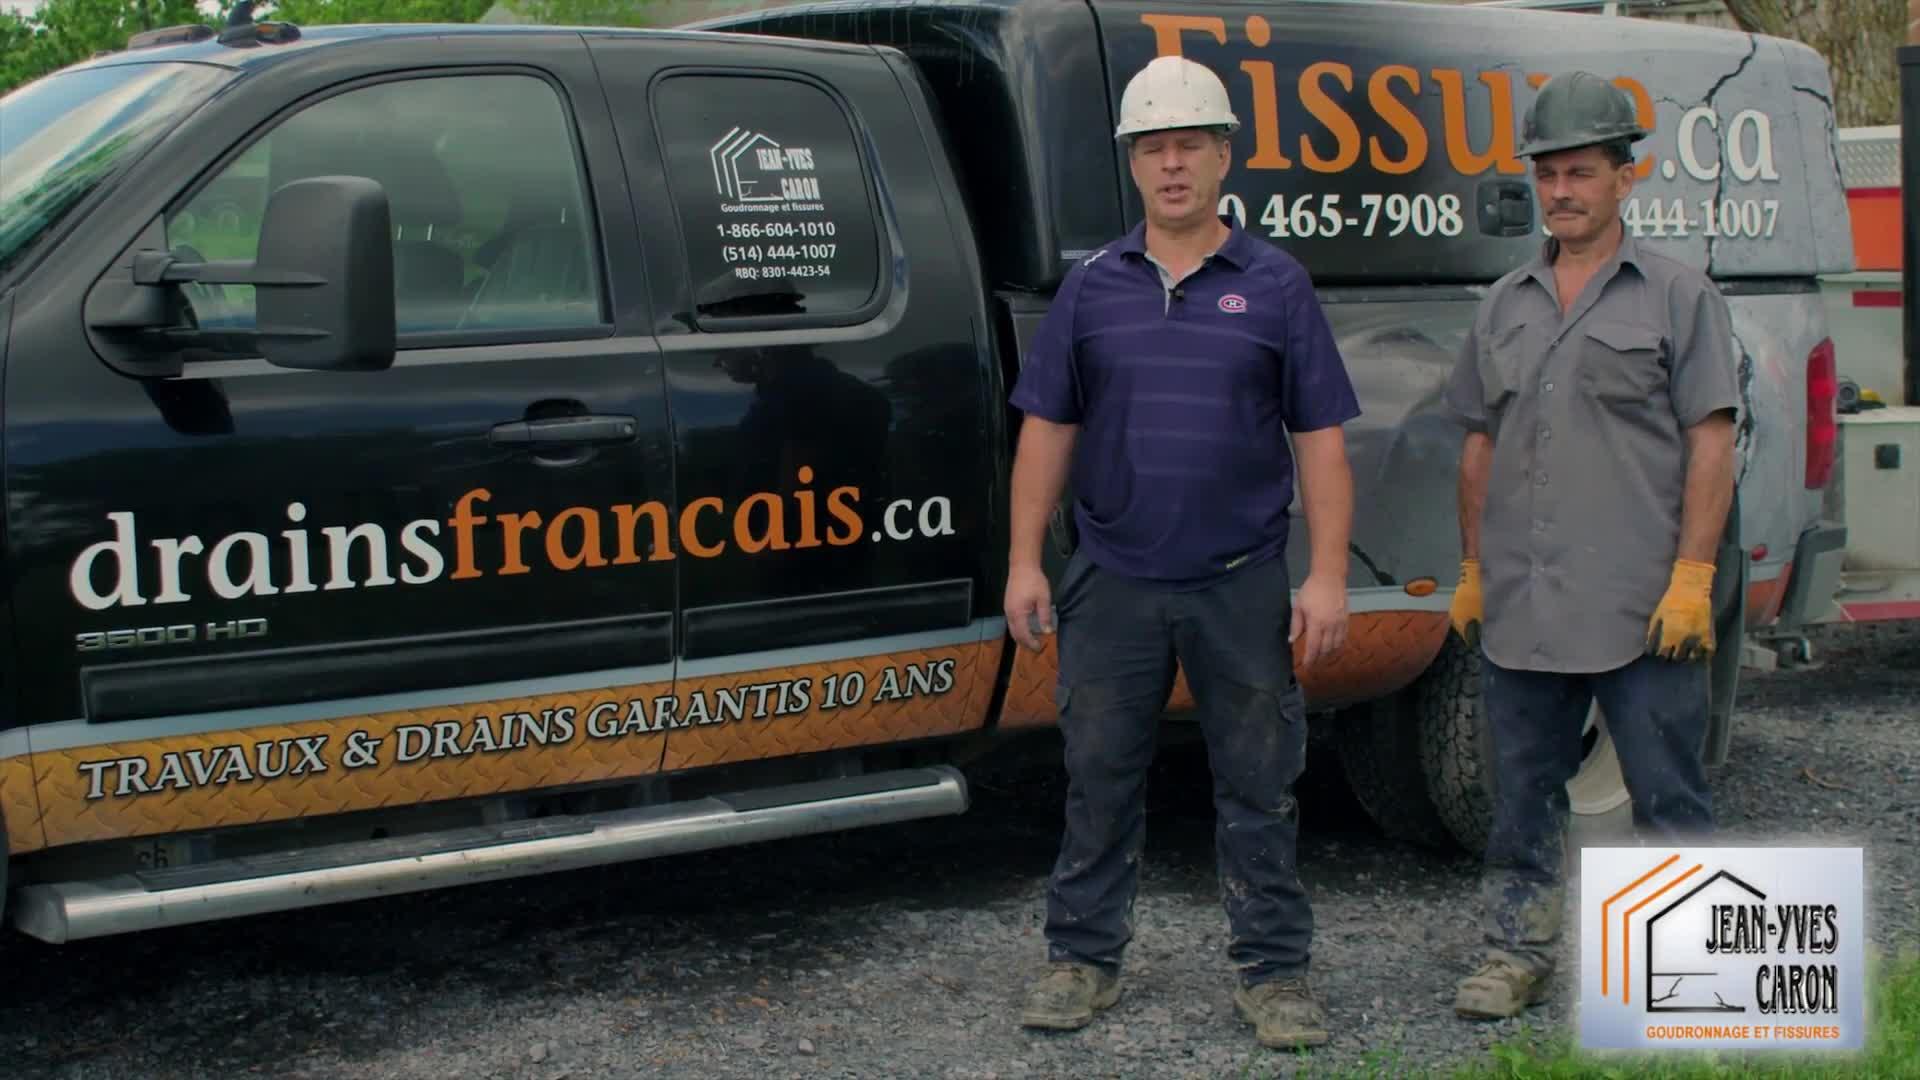 Drains Français.ca - Drainage Contractors - 514-444-1007